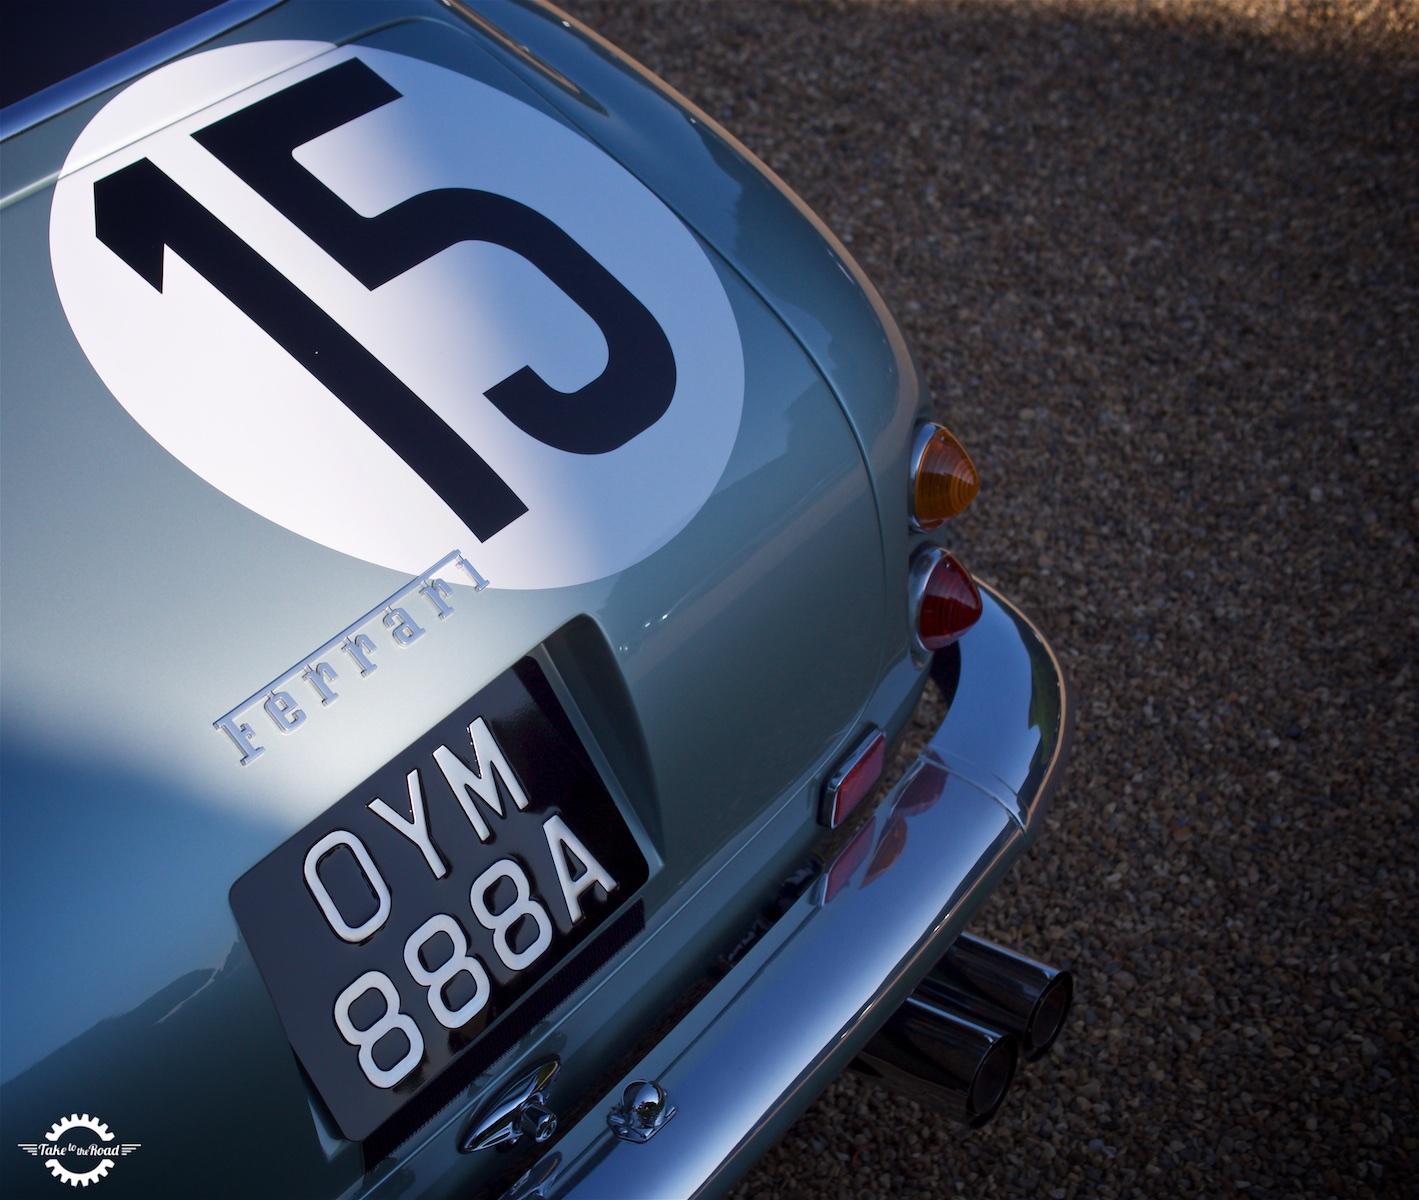 Salon Privé to mark 60th Anniversary of Ferrari 250 GT SWB